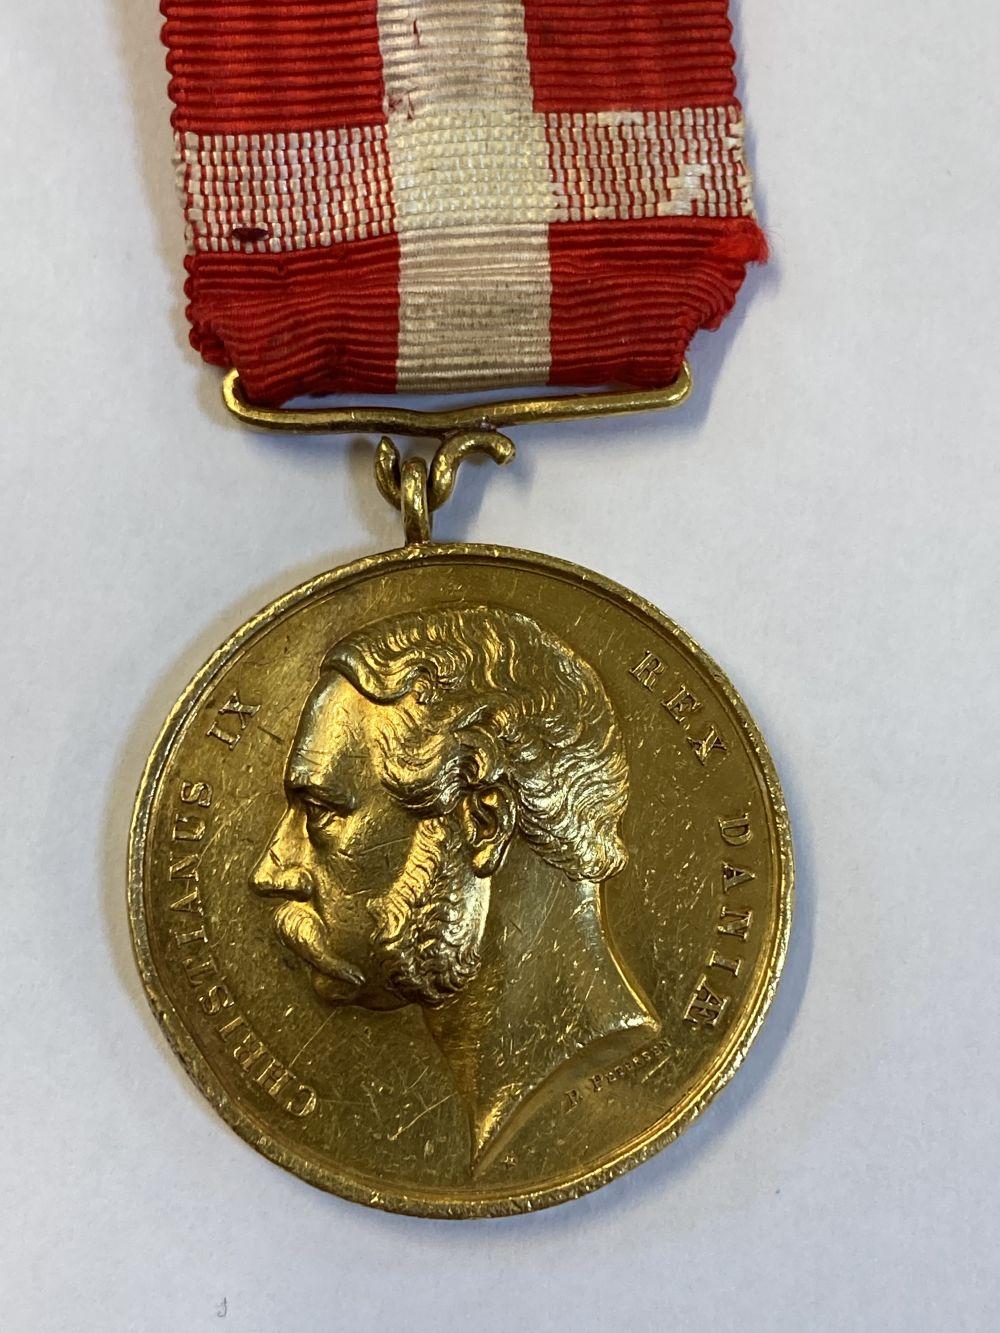 * Denmark. Christianus IX Gold Medal - J Blackburn - Image 2 of 5